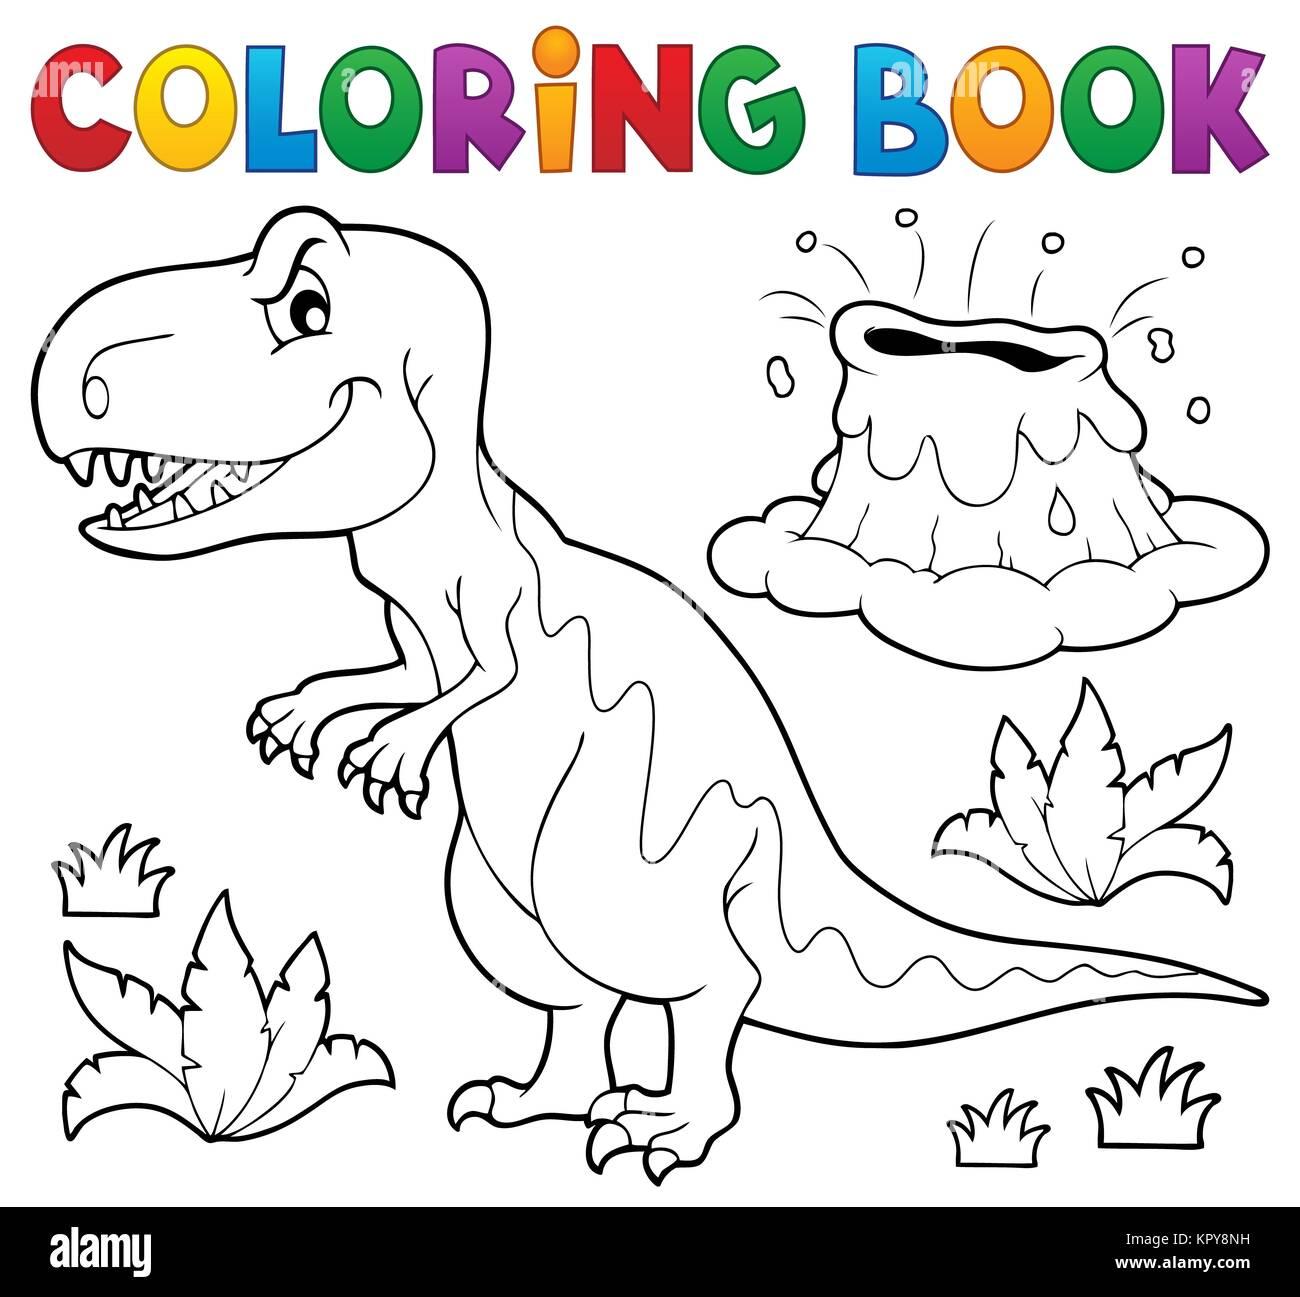 Livre Coloriage Dinosaure.Livre De Coloriage Dinosaure Sujet 1 Banque D Images Photo Stock